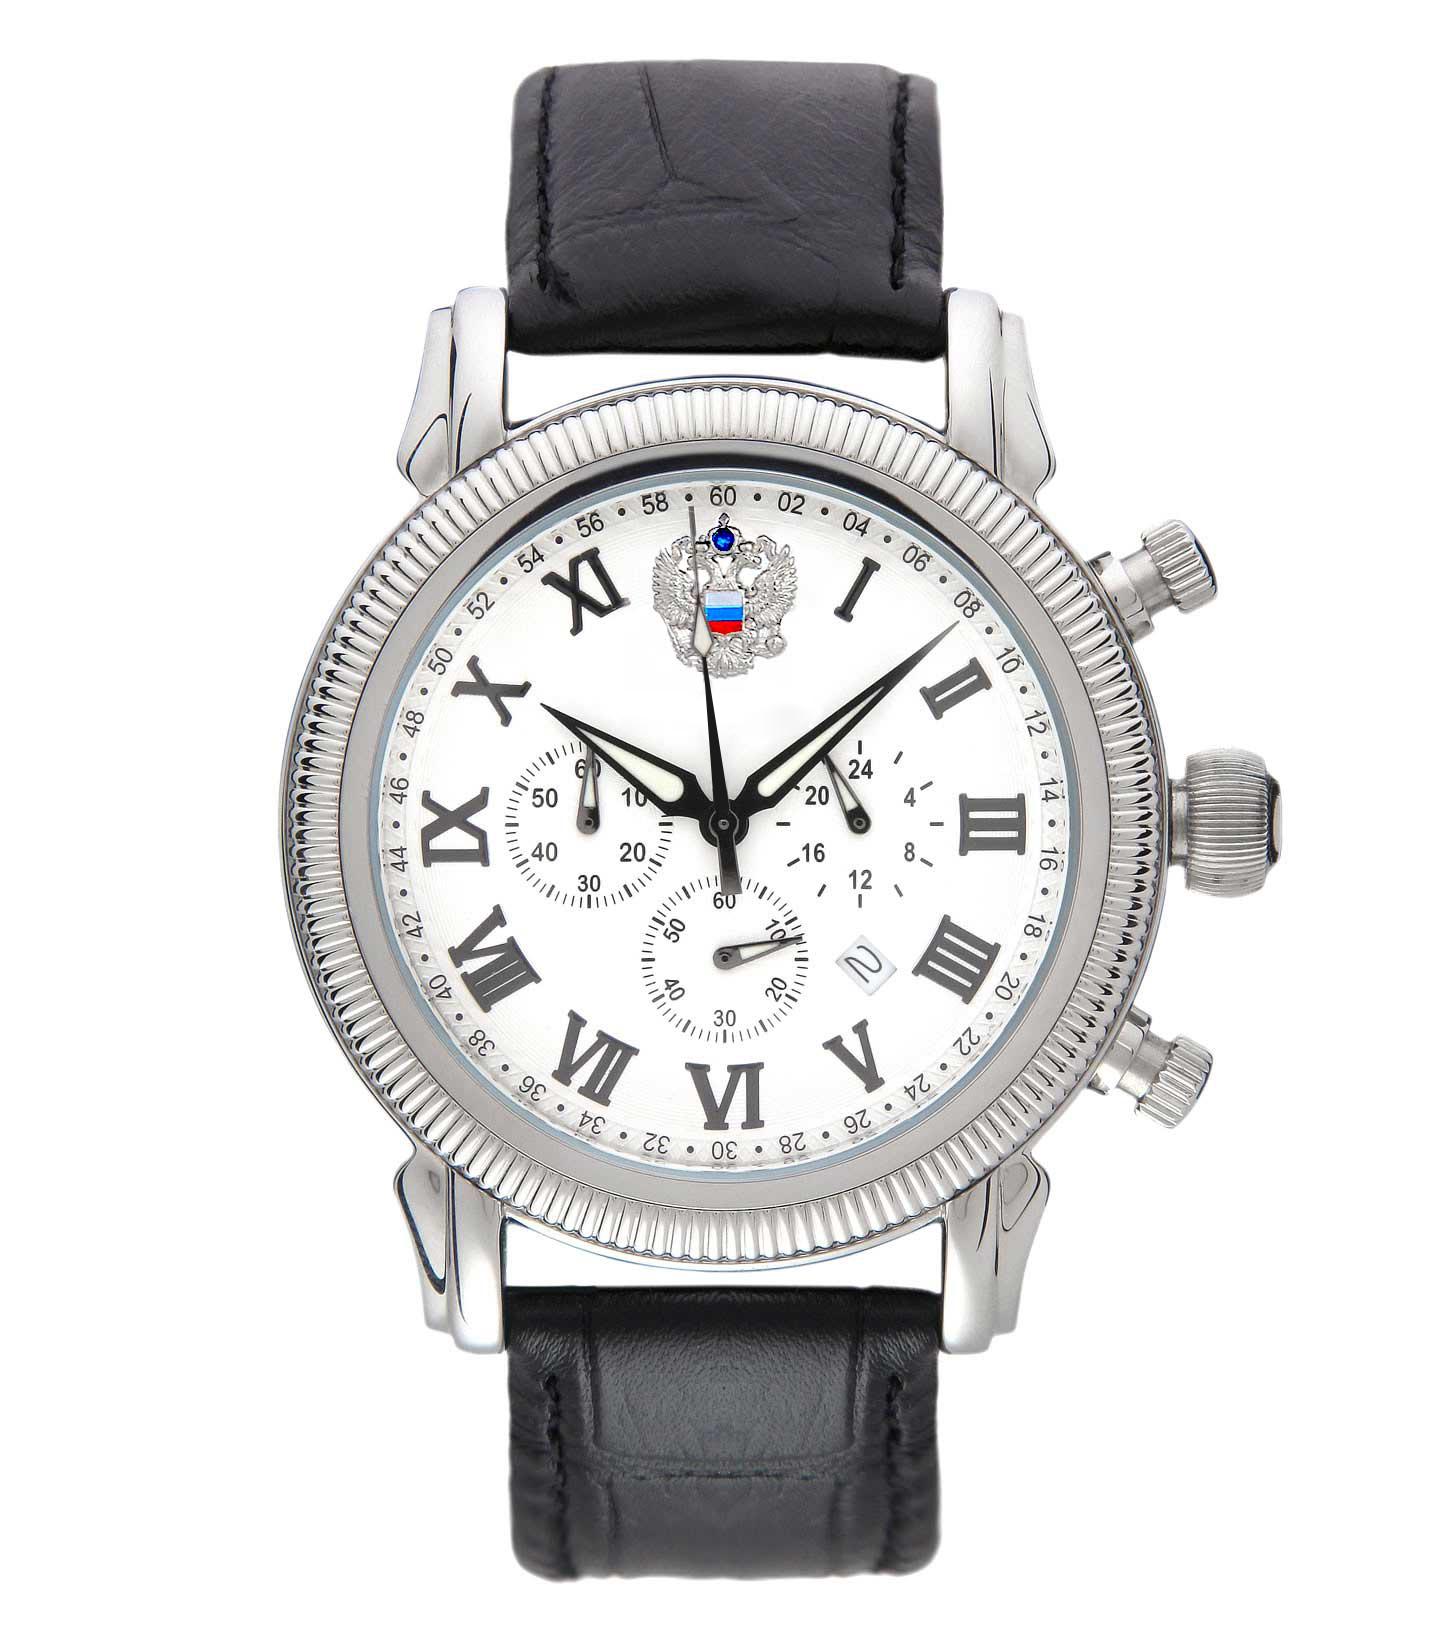 Интернет-магазин «московское время» предлагает мужские российские наручные часы по доступным ценам.